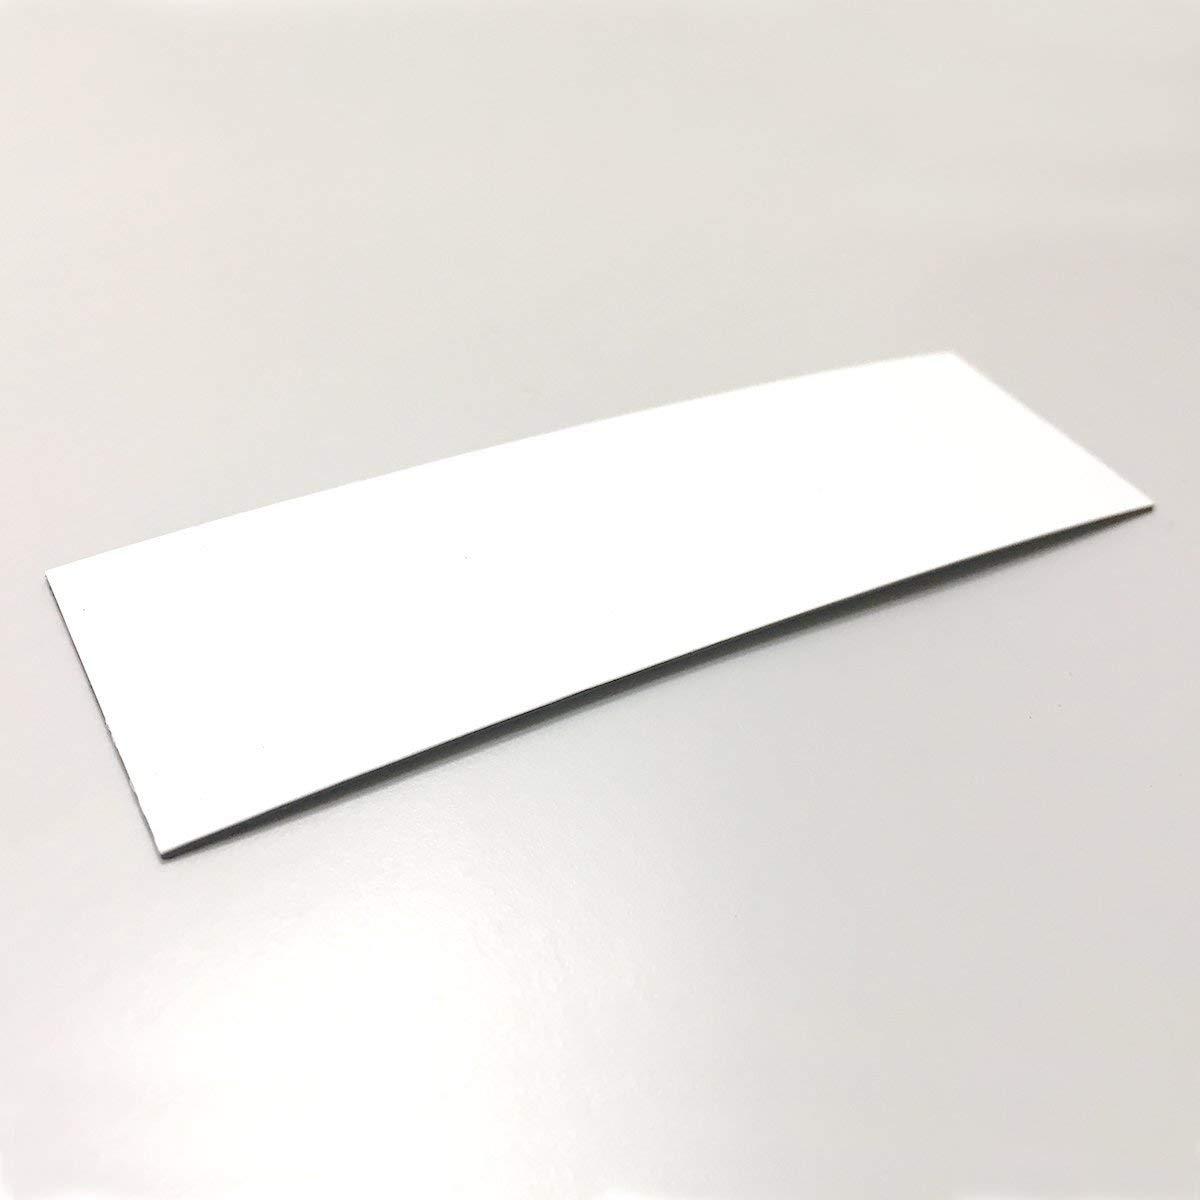 MAGSTICK Lot de 50 /étiquettes magn/étiques de 0 /à 85 mm 100 x 30 mm Blanc wei/ß